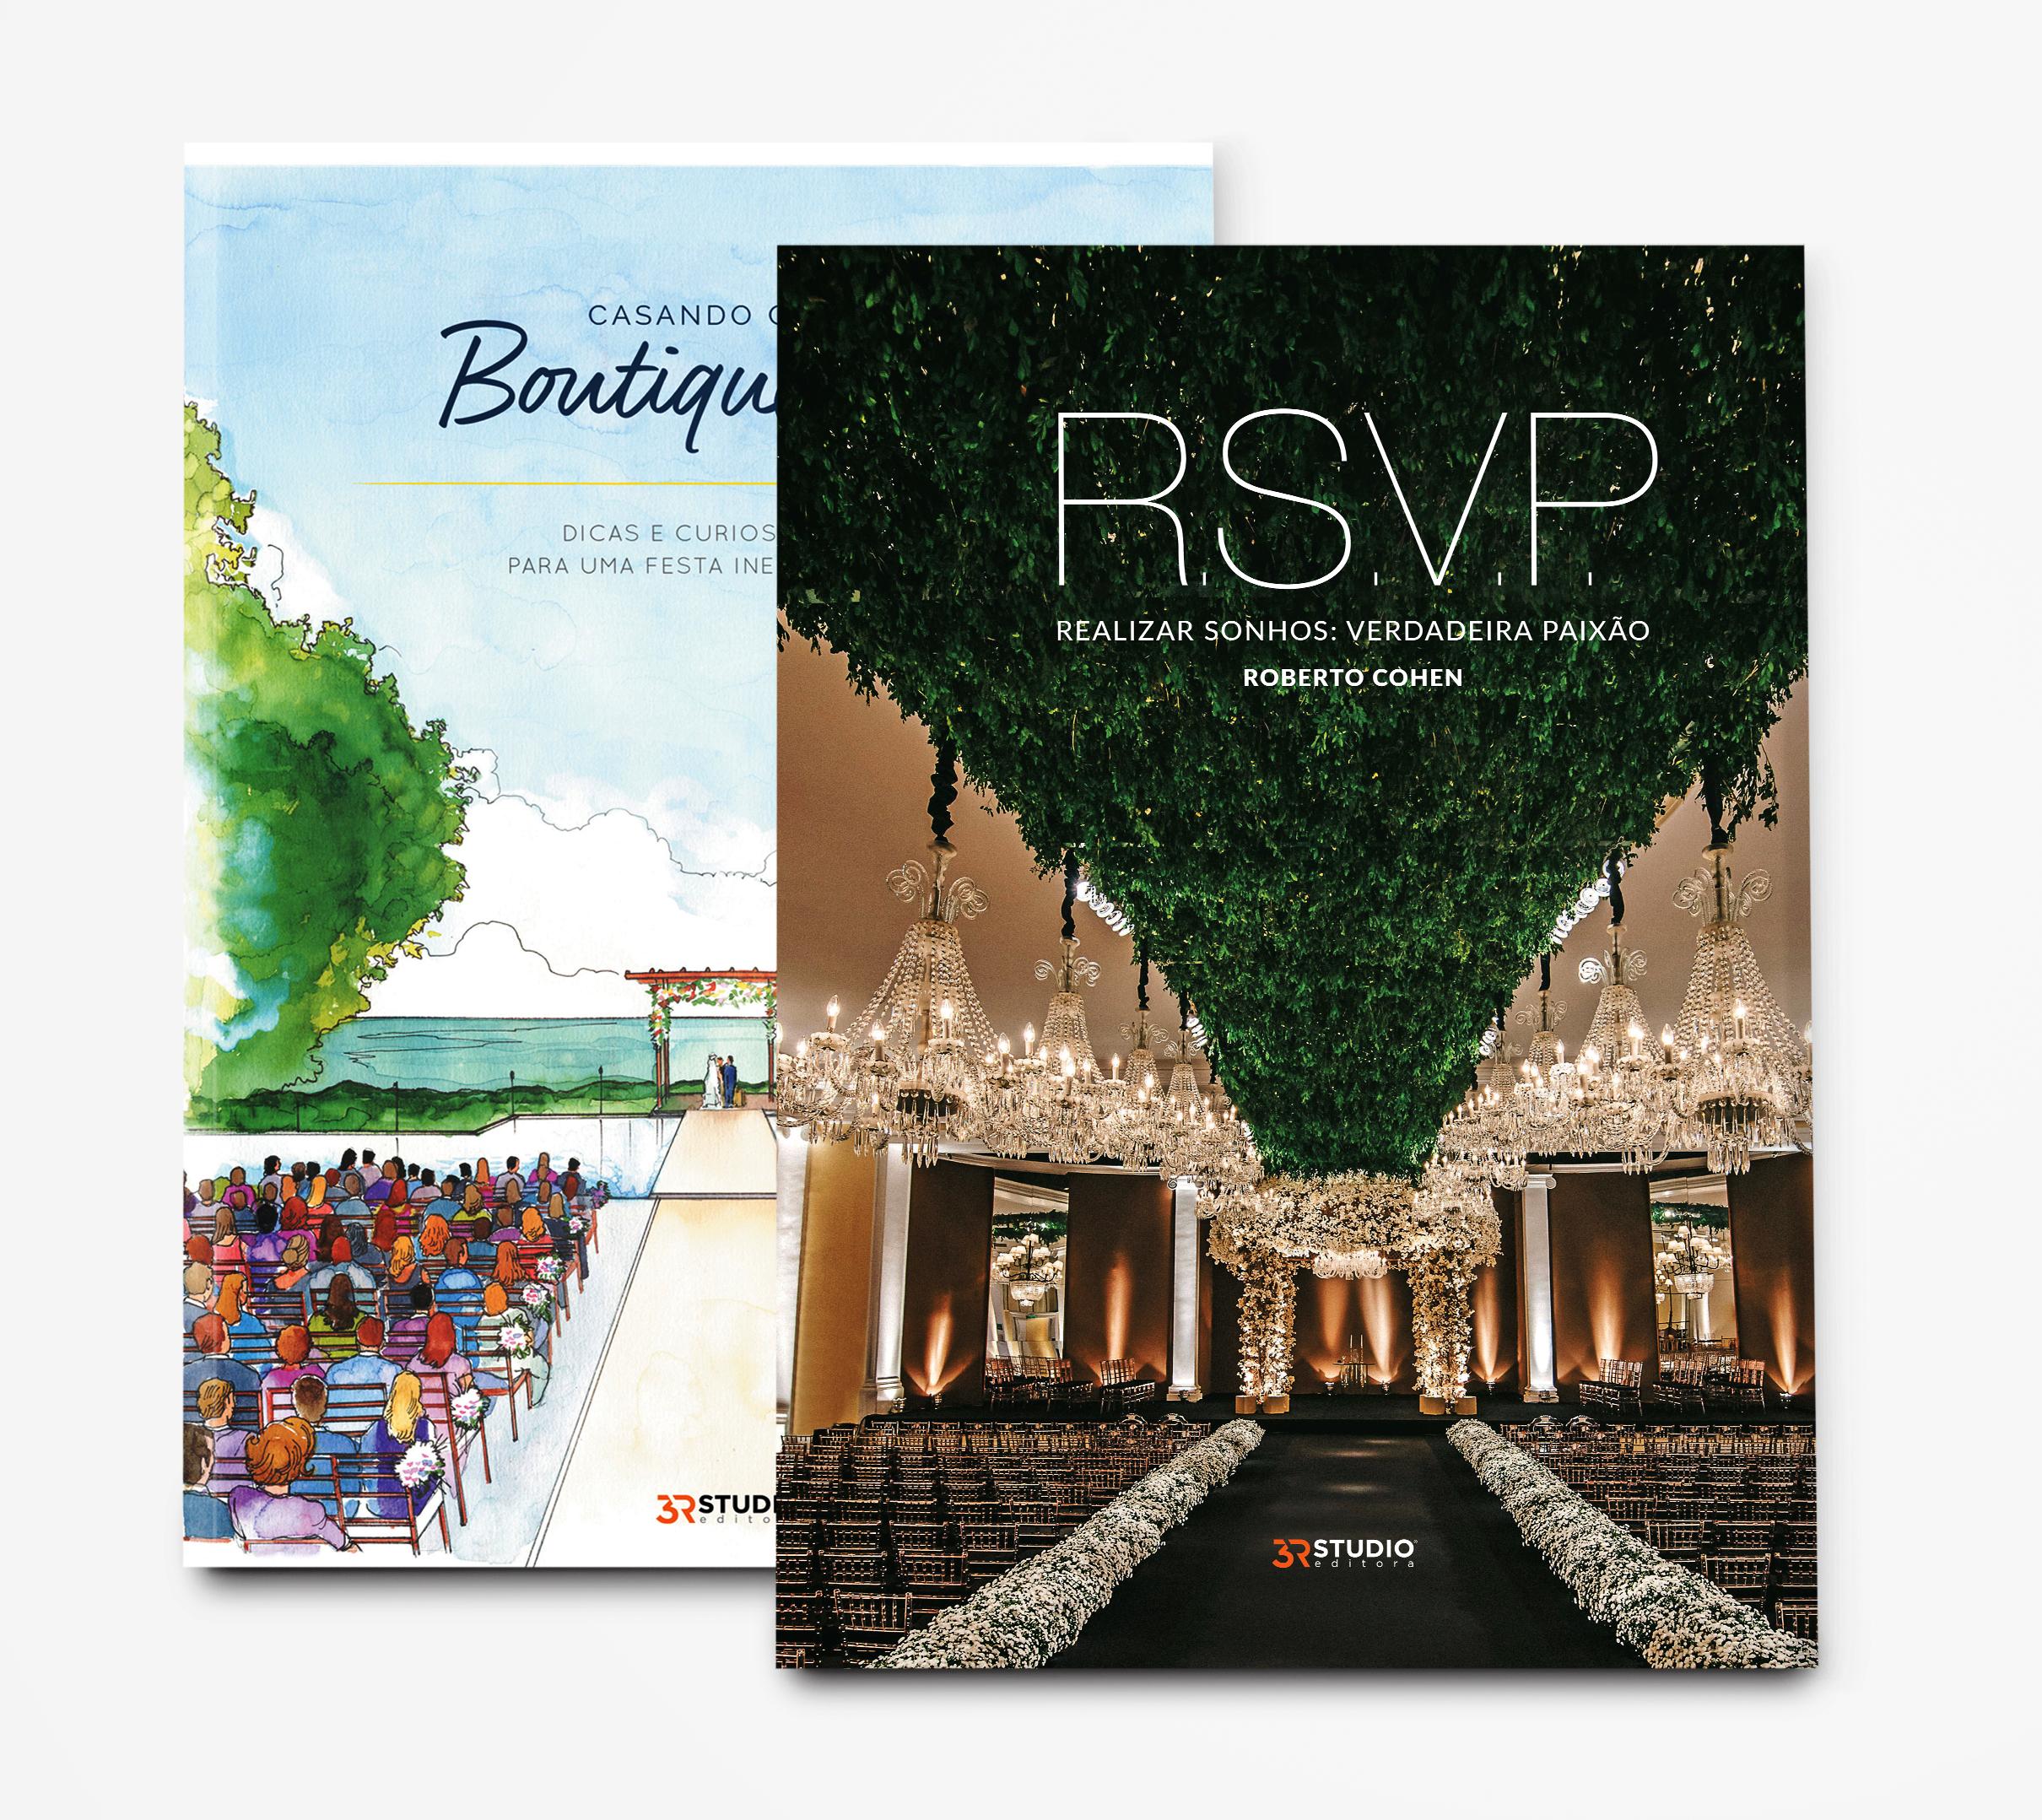 Combo: R.S.V.P. – Realizar Sonhos: Verdadeira Paixão 2ª Edição – Roberto Cohen + Casando Com Boutique De 3